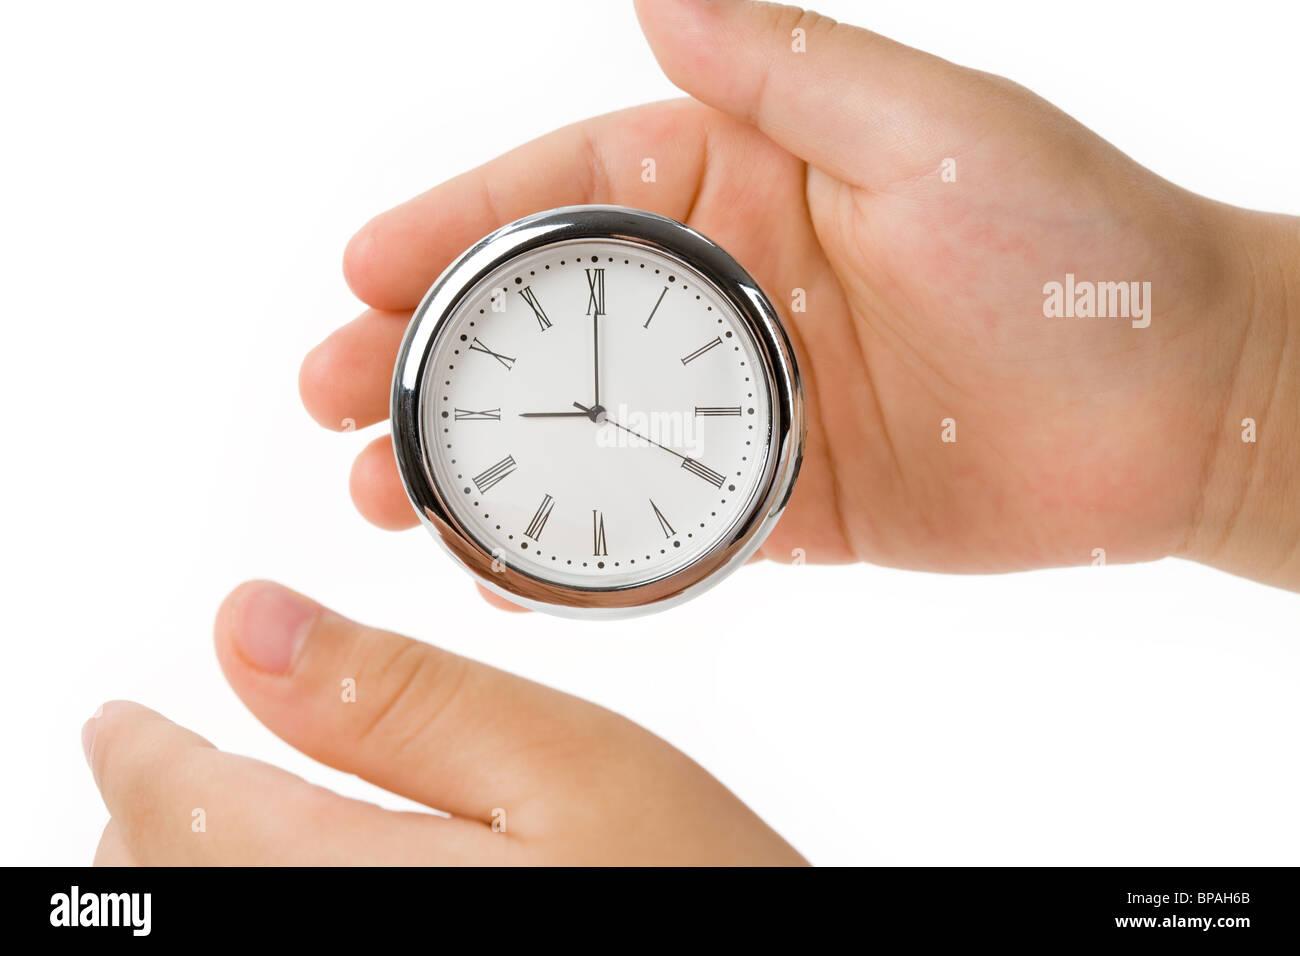 Uhr, Gesicht und Finger, Konzept der Zeitsteuerung und Balance Stockbild